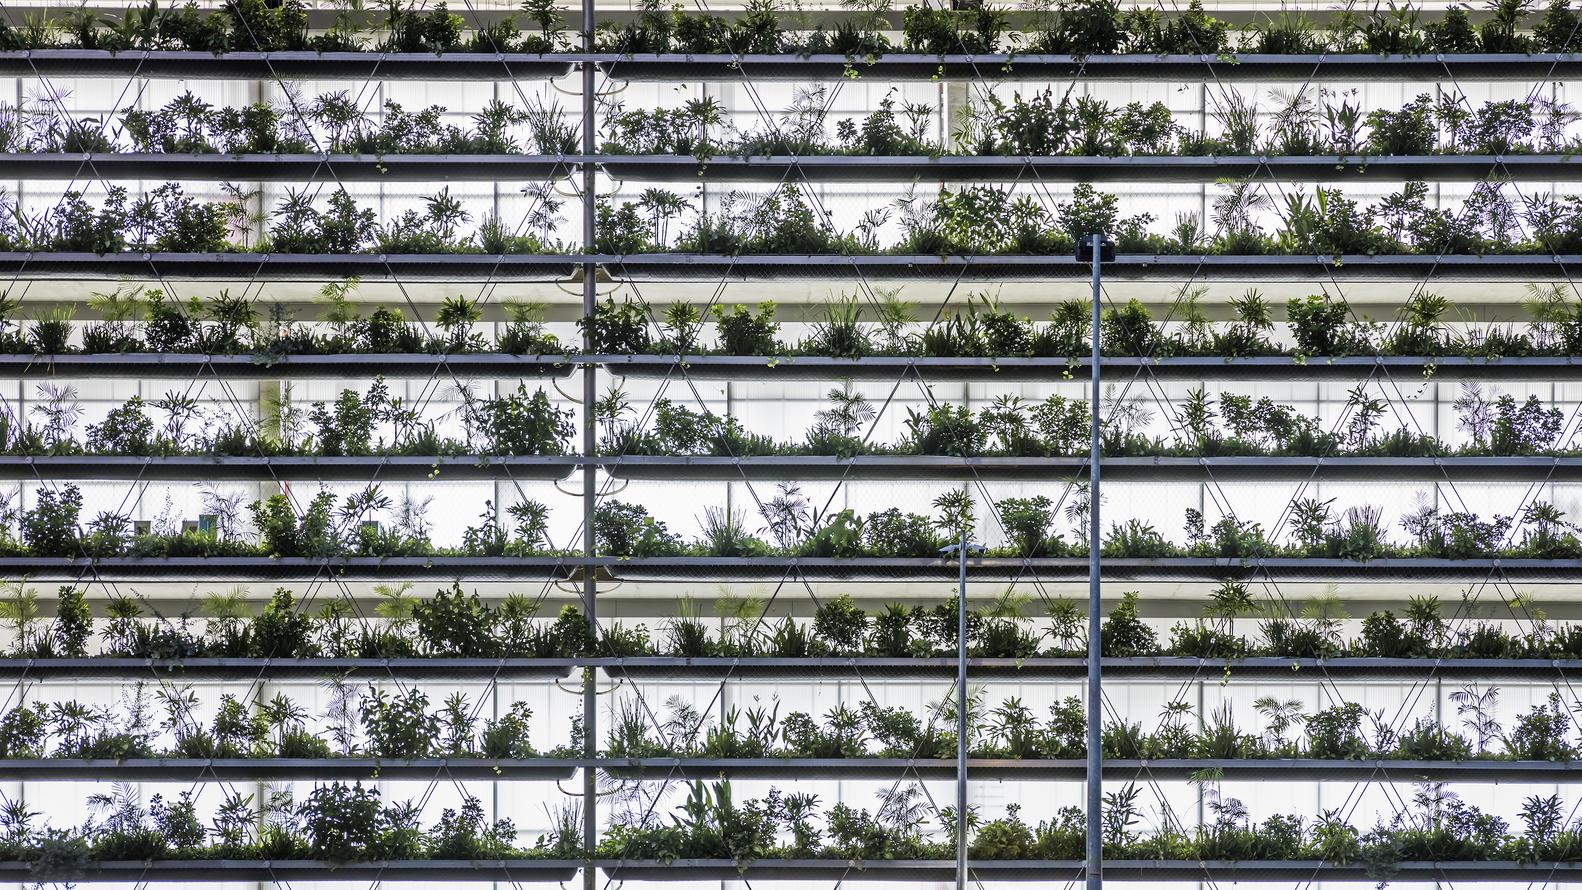 cận cảnh hệ thống giàn trồng cây xanh, cây bụi nhỏ